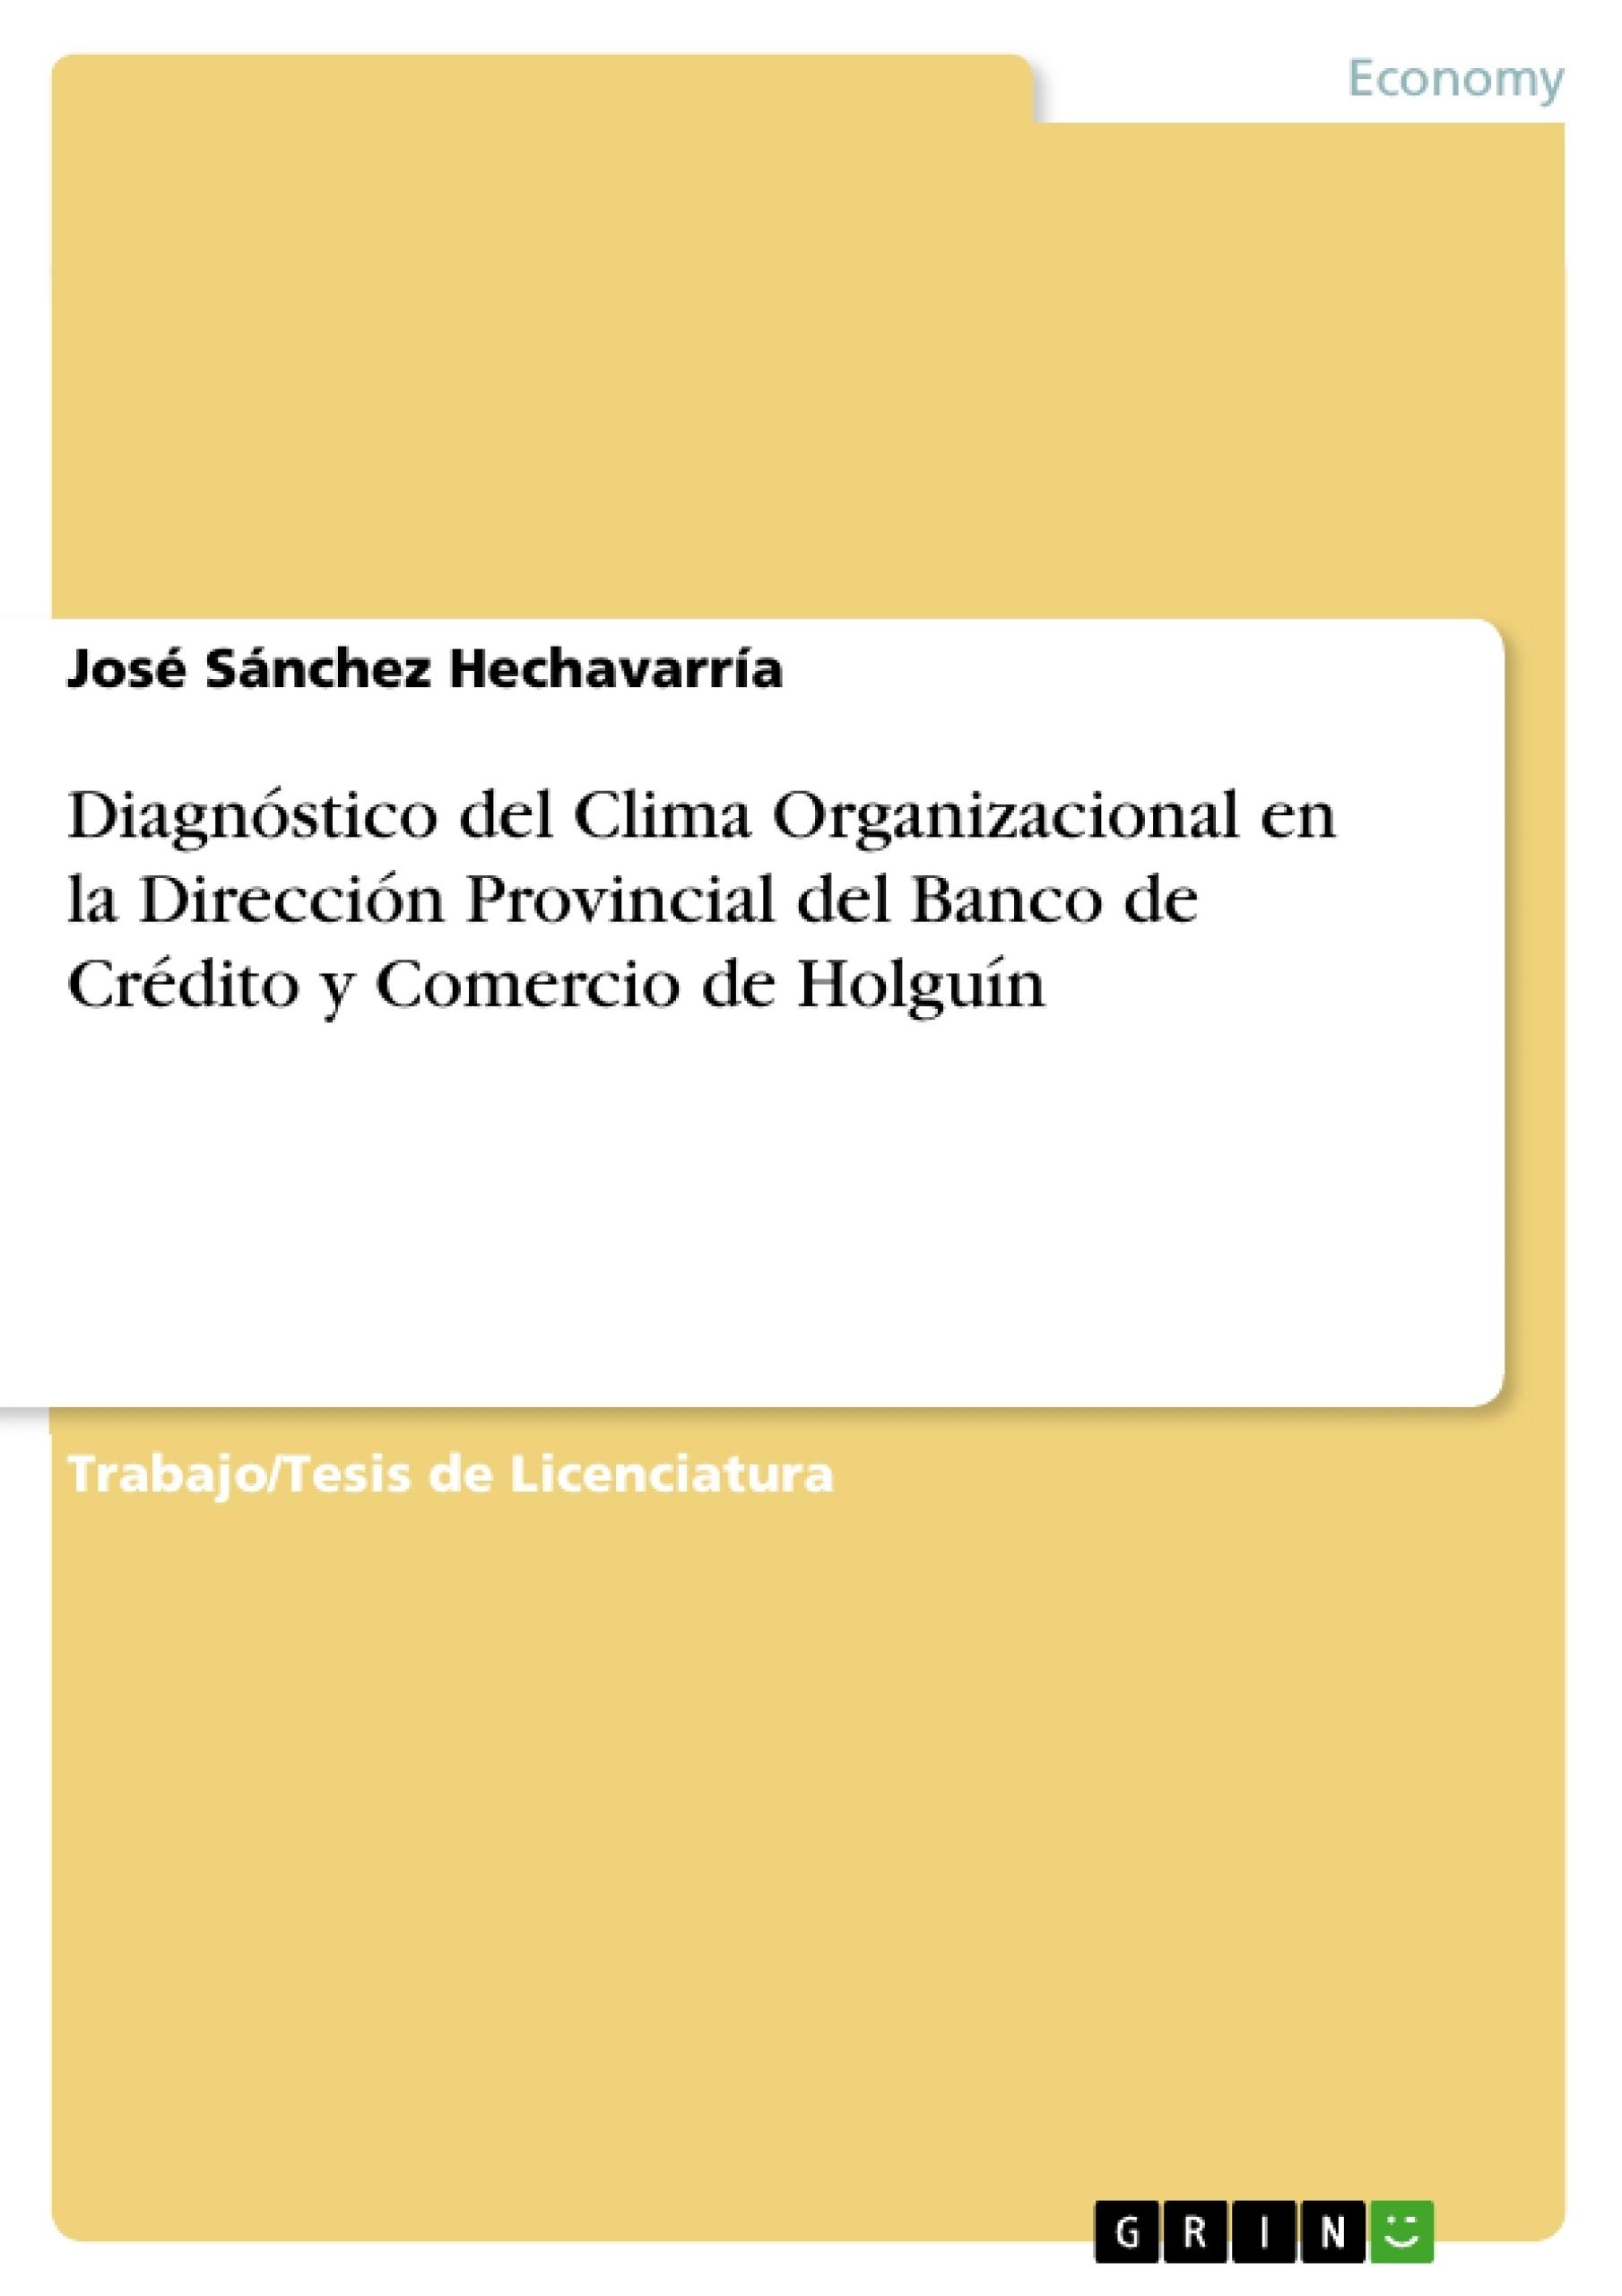 Título: Diagnóstico del Clima Organizacional en la Dirección Provincial del Banco de Crédito y Comercio de Holguín